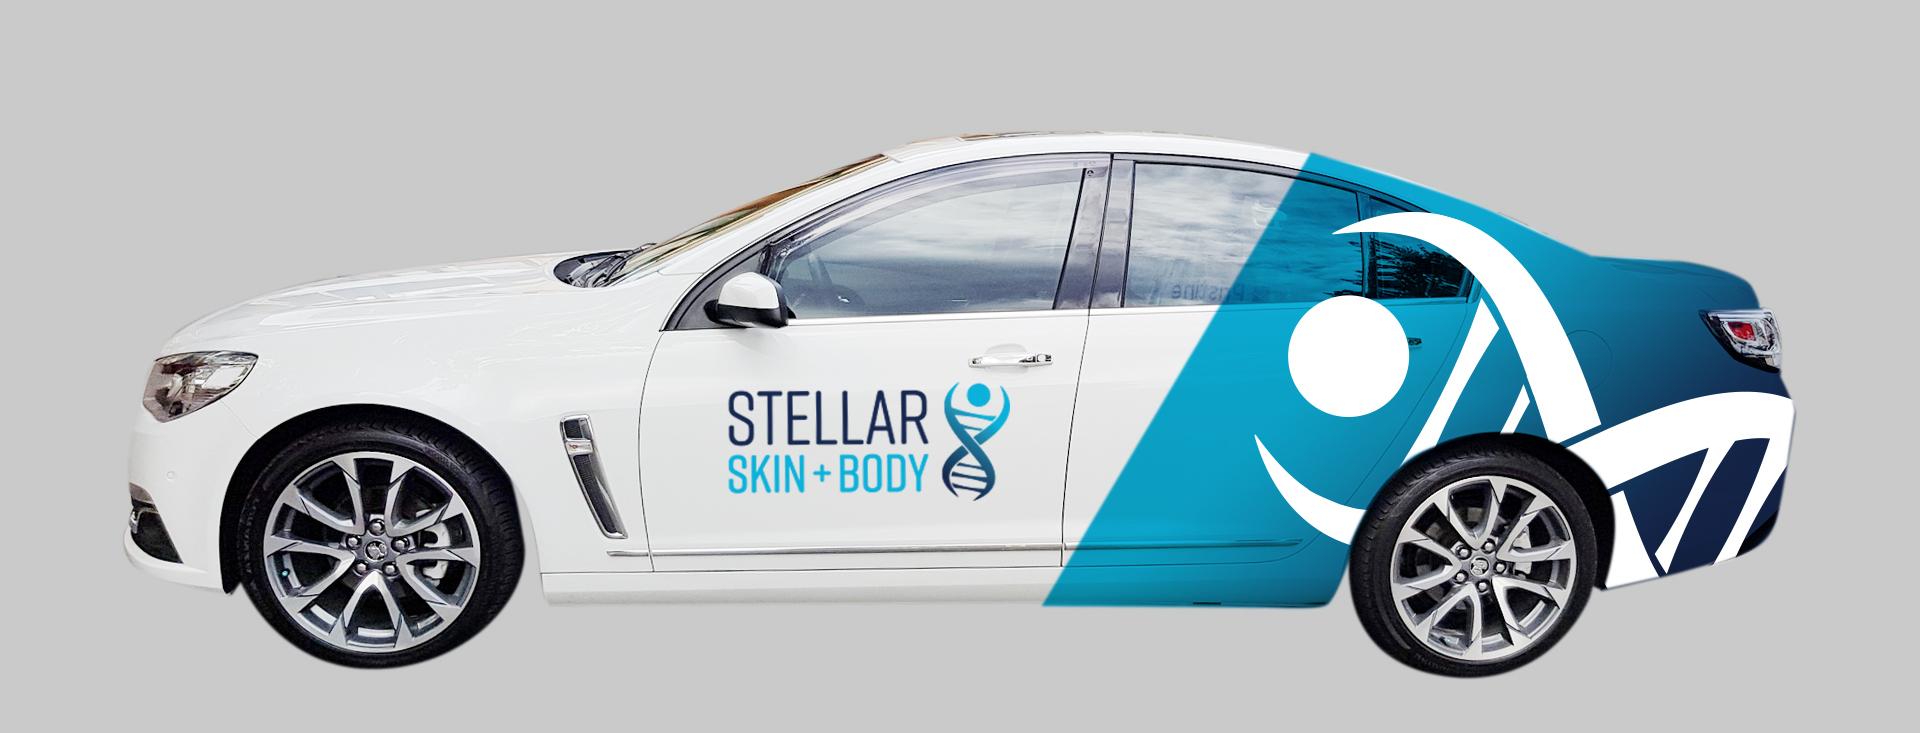 Stellar car signage